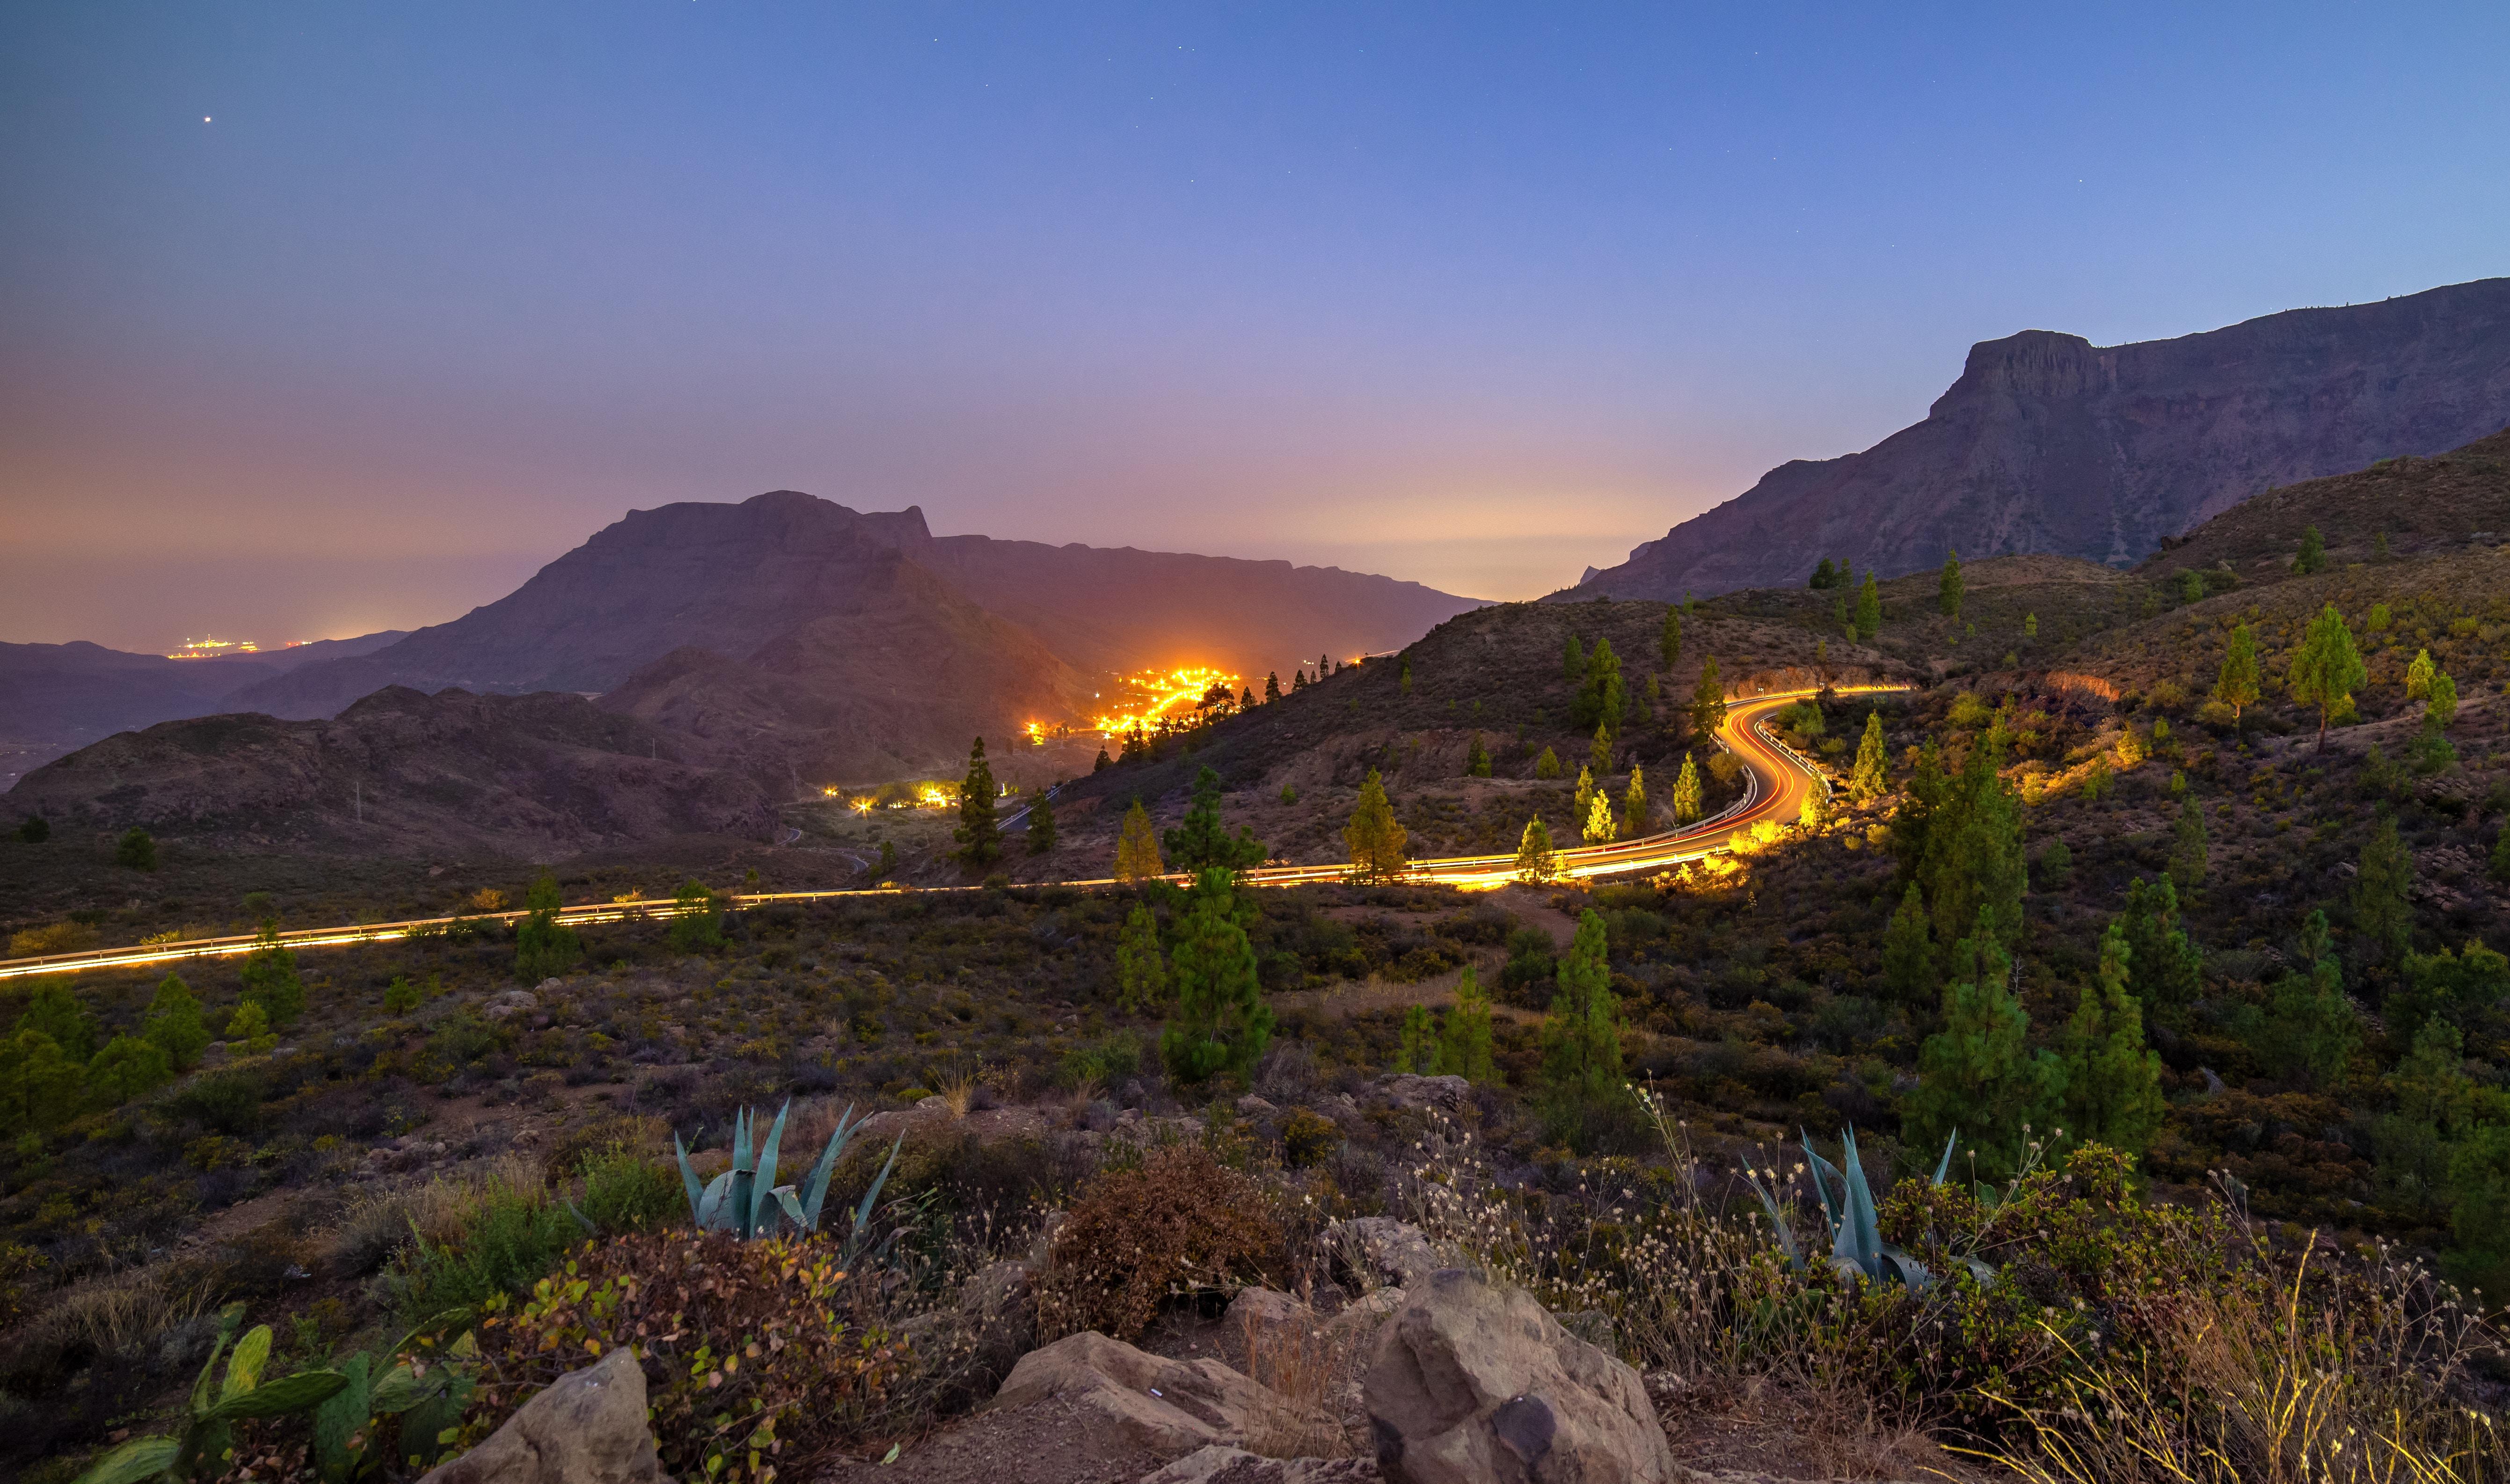 Cosa fare a Gran Canaria in vacanza? Espora l'isola ed i suoi luoghi di interesse!